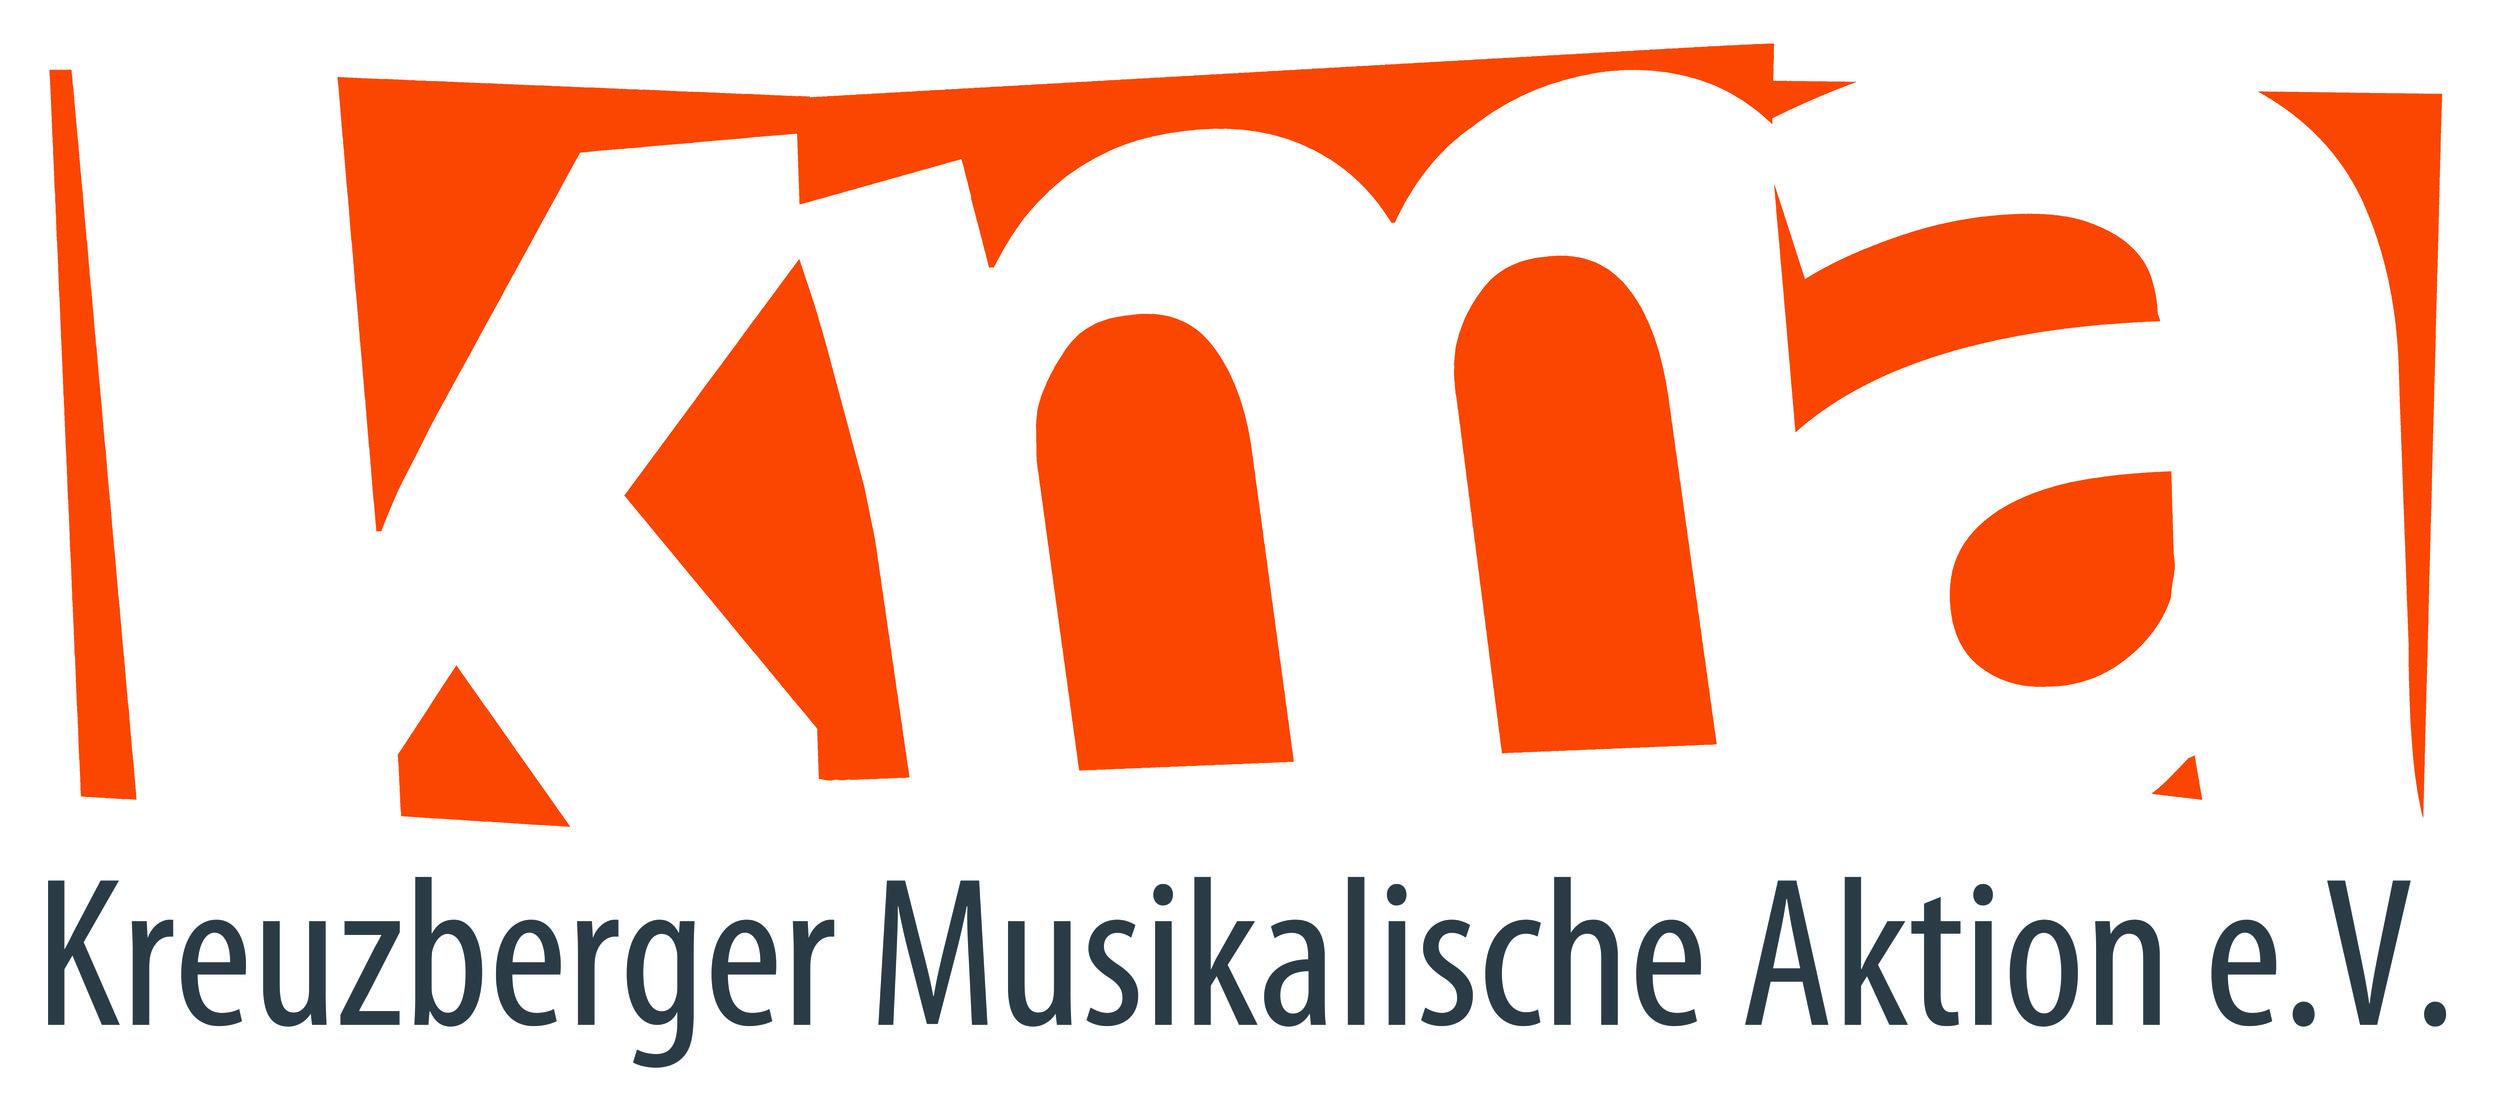 Logo der Kreuzberger Musikalischen Aktion e.V. (kma)